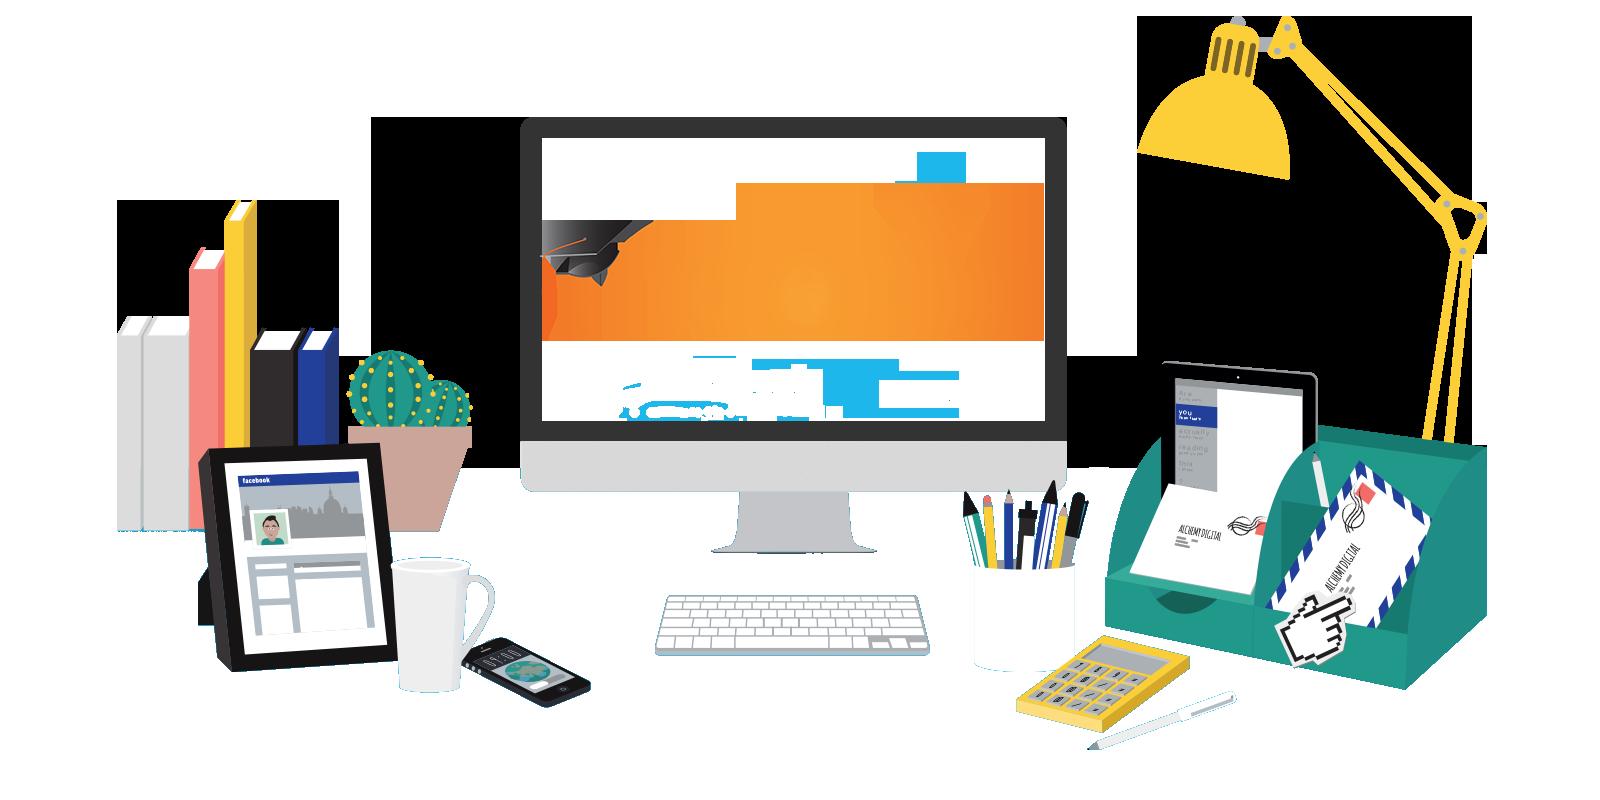 Moodle как обучающая среда и инструмент учителя